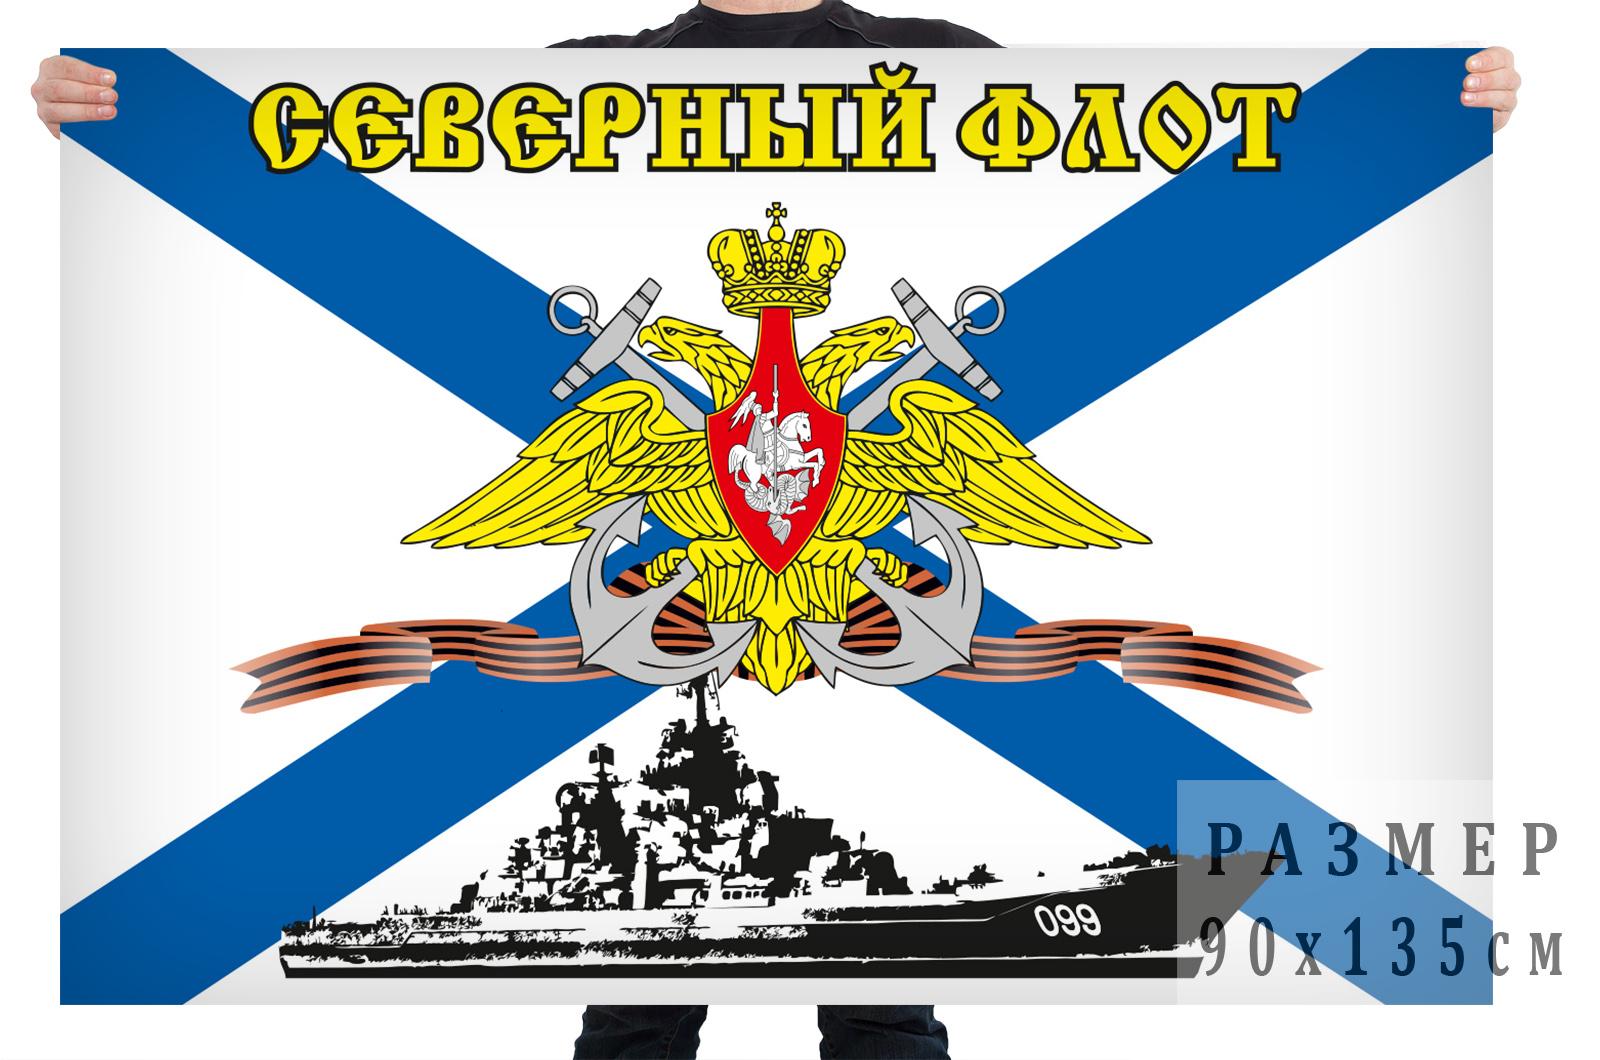 Купить в интернет магазине флаг Северного Флота ВМФ